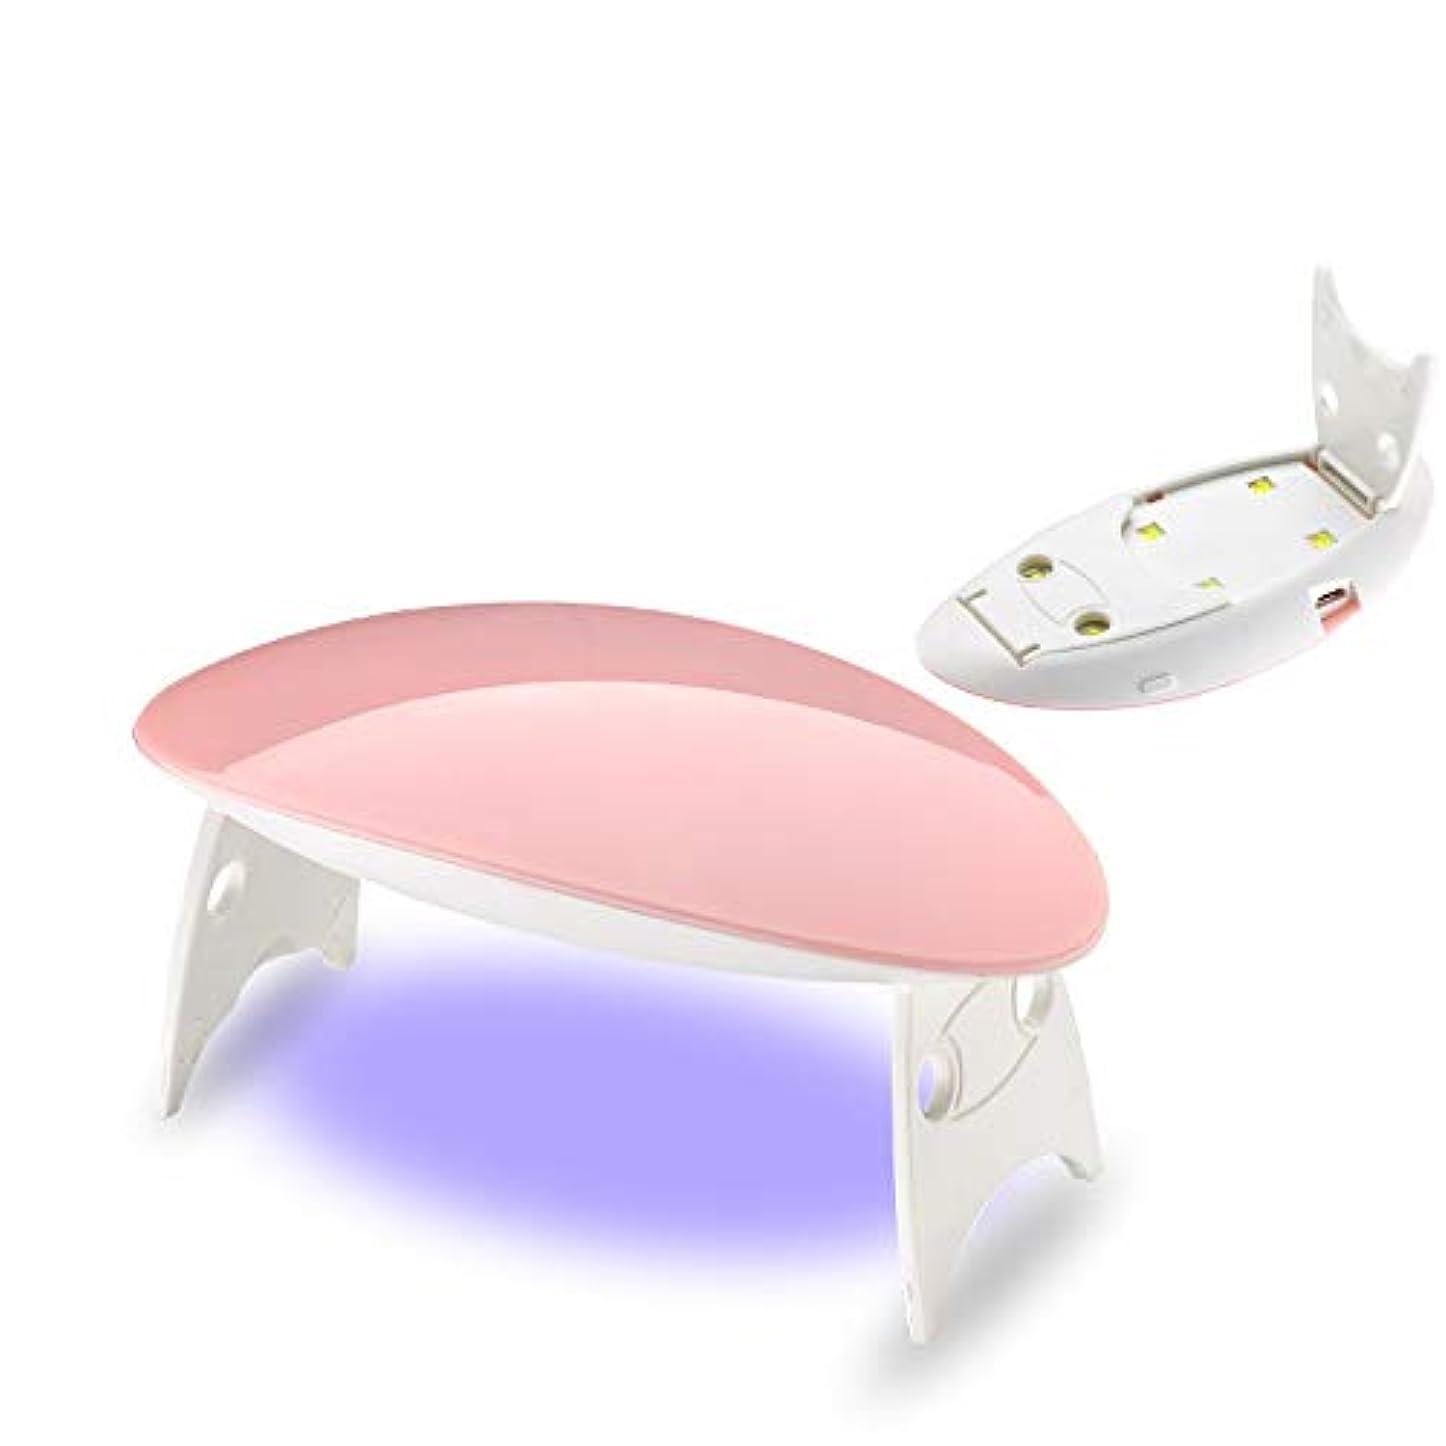 カフェジャケット開示する12W ホワイト ネイルドライヤー ネイルデザイン ネイルライト 硬化用ライト ネイルアートツール ピンク